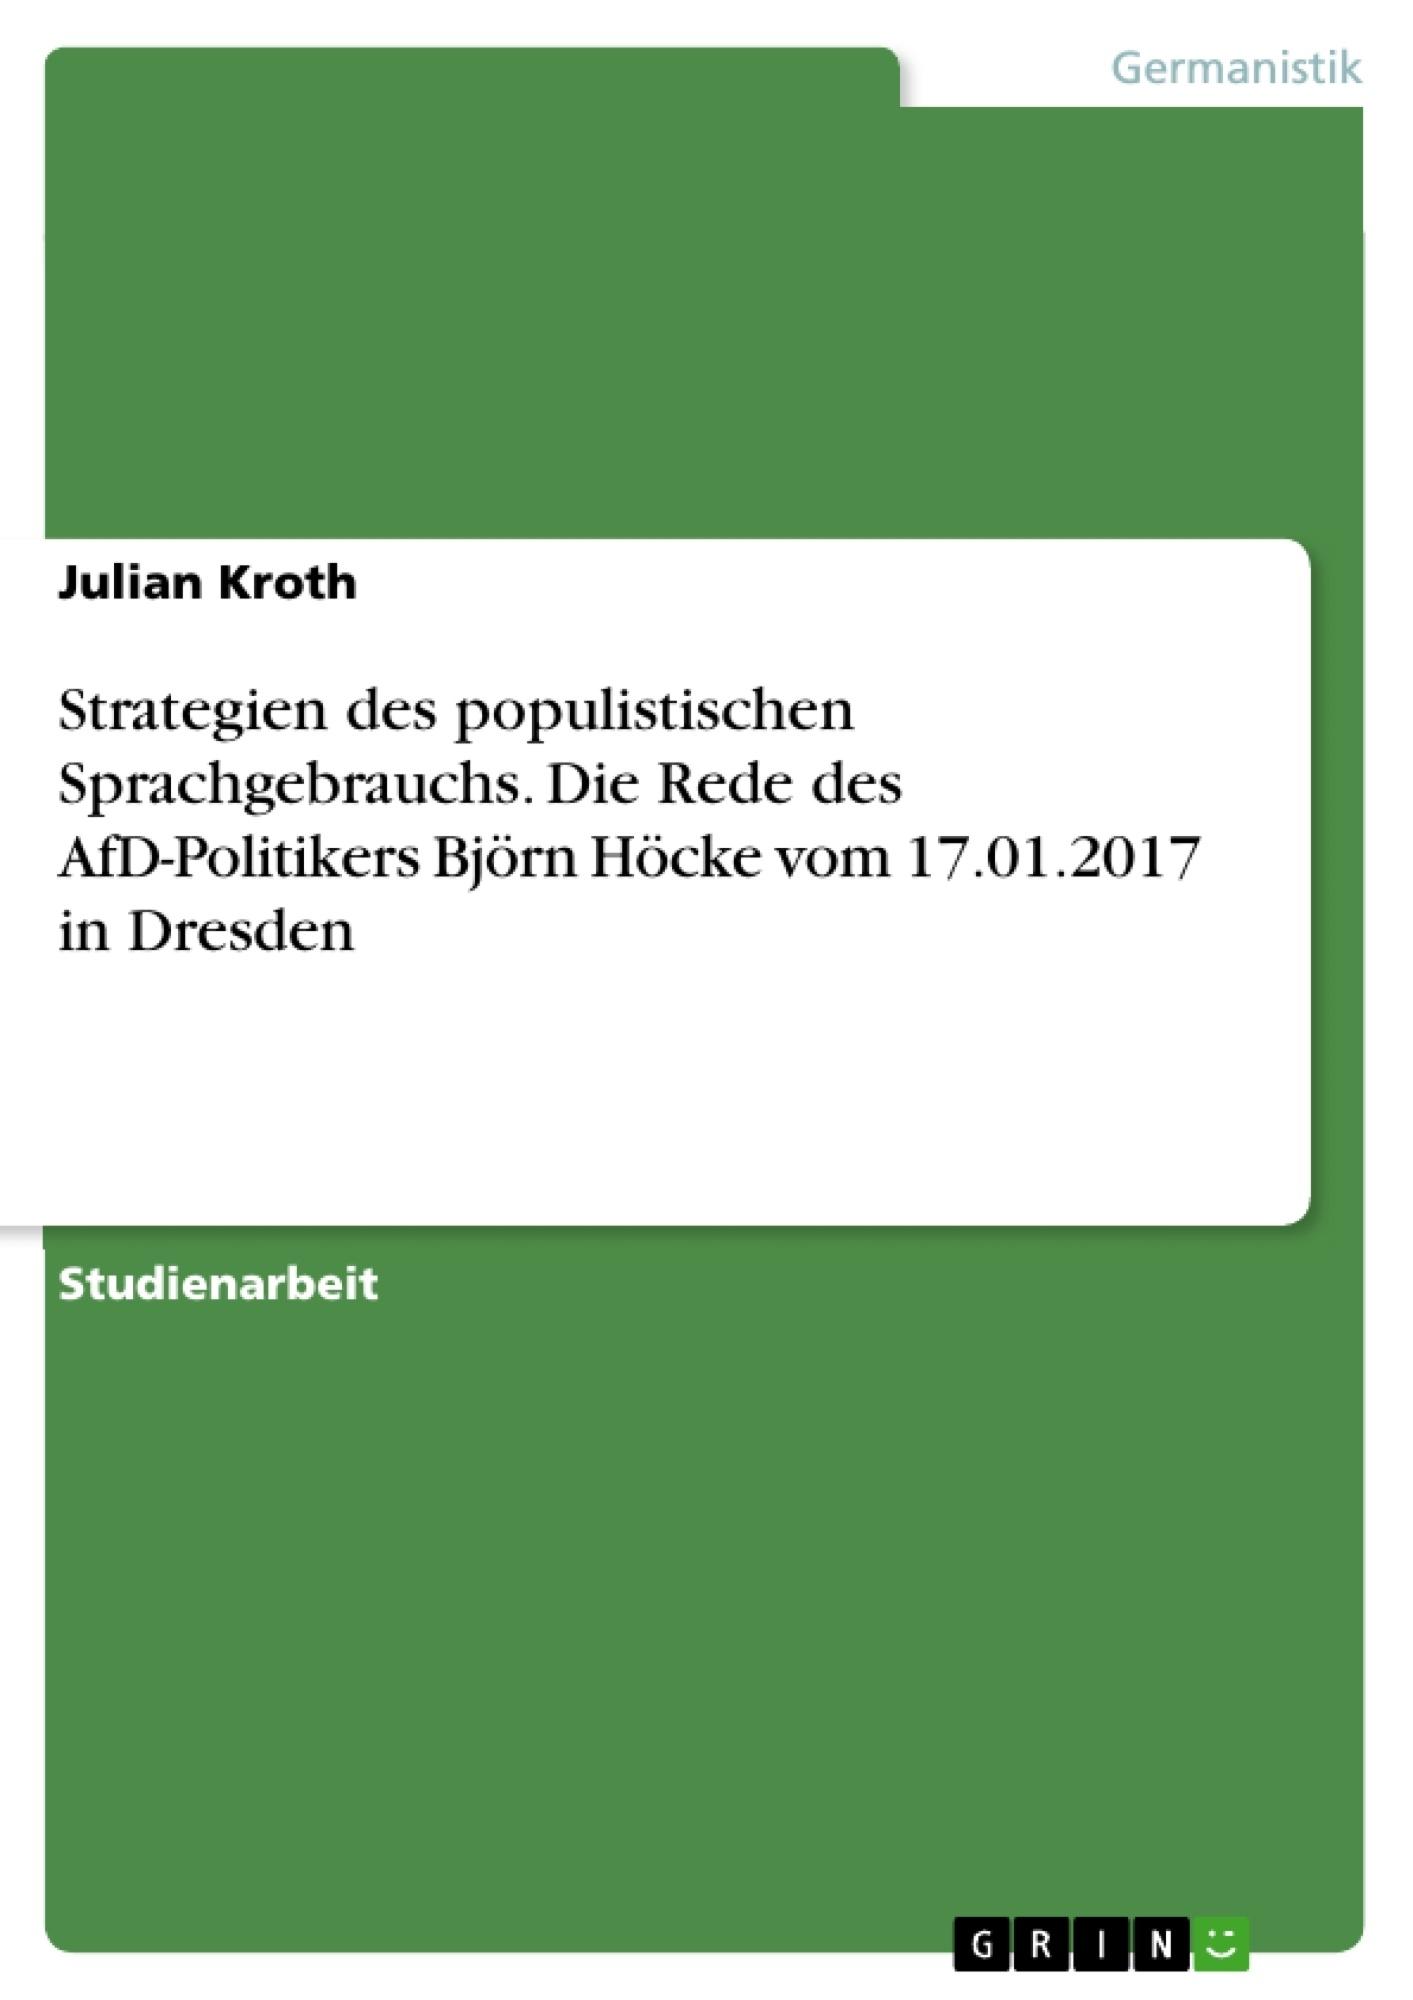 Titel: Strategien des populistischen Sprachgebrauchs. Die Rede des AfD-Politikers Björn Höcke vom 17.01.2017 in Dresden